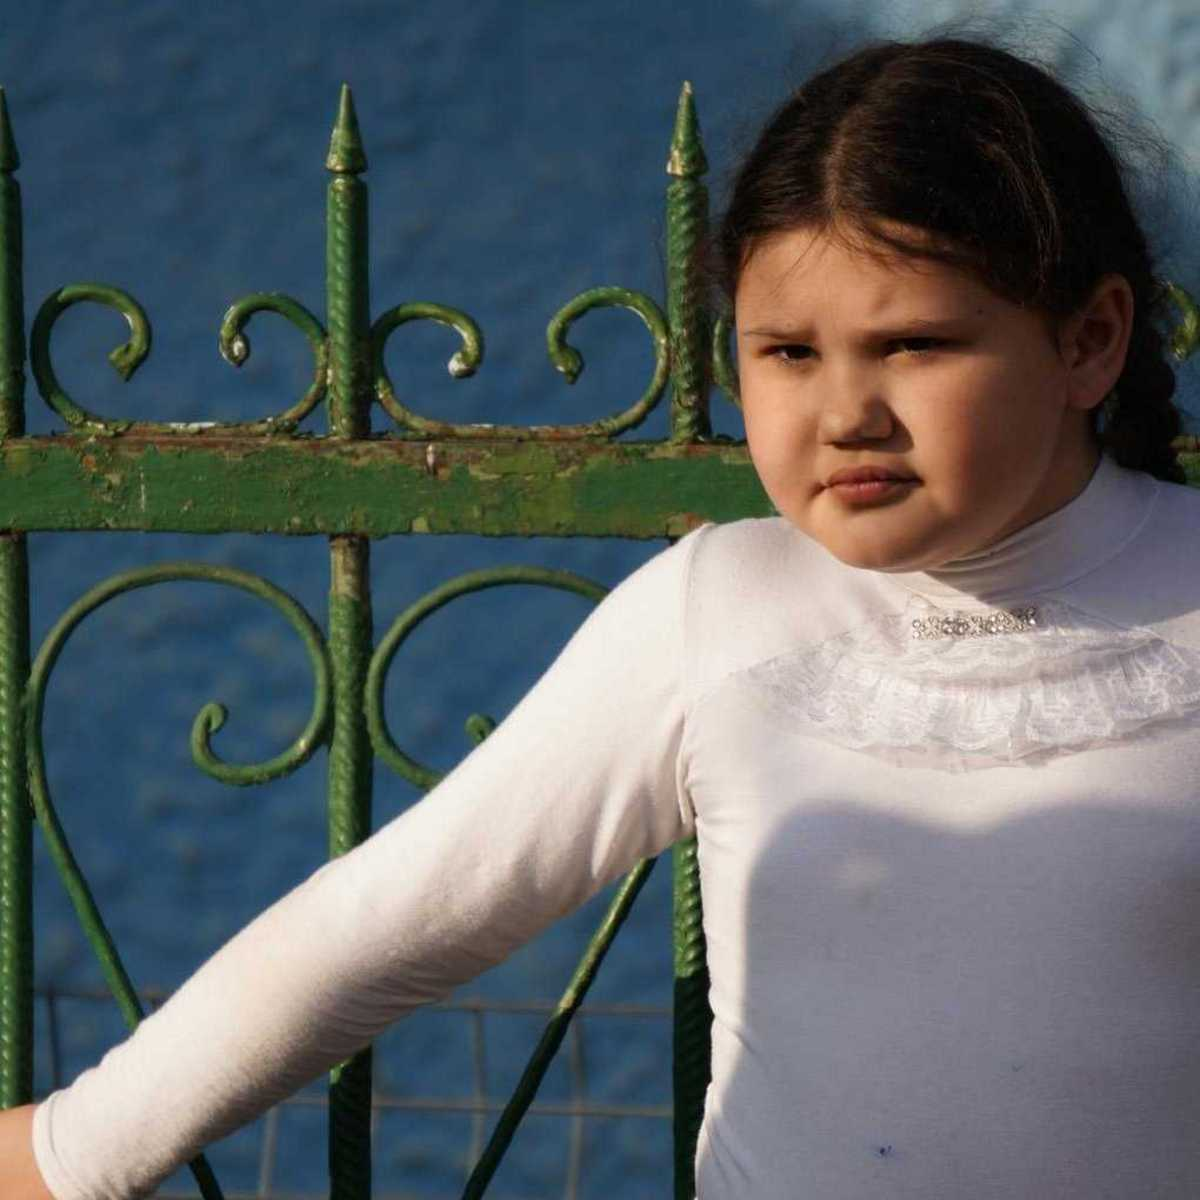 Anna steht vor einem grünen Zaun